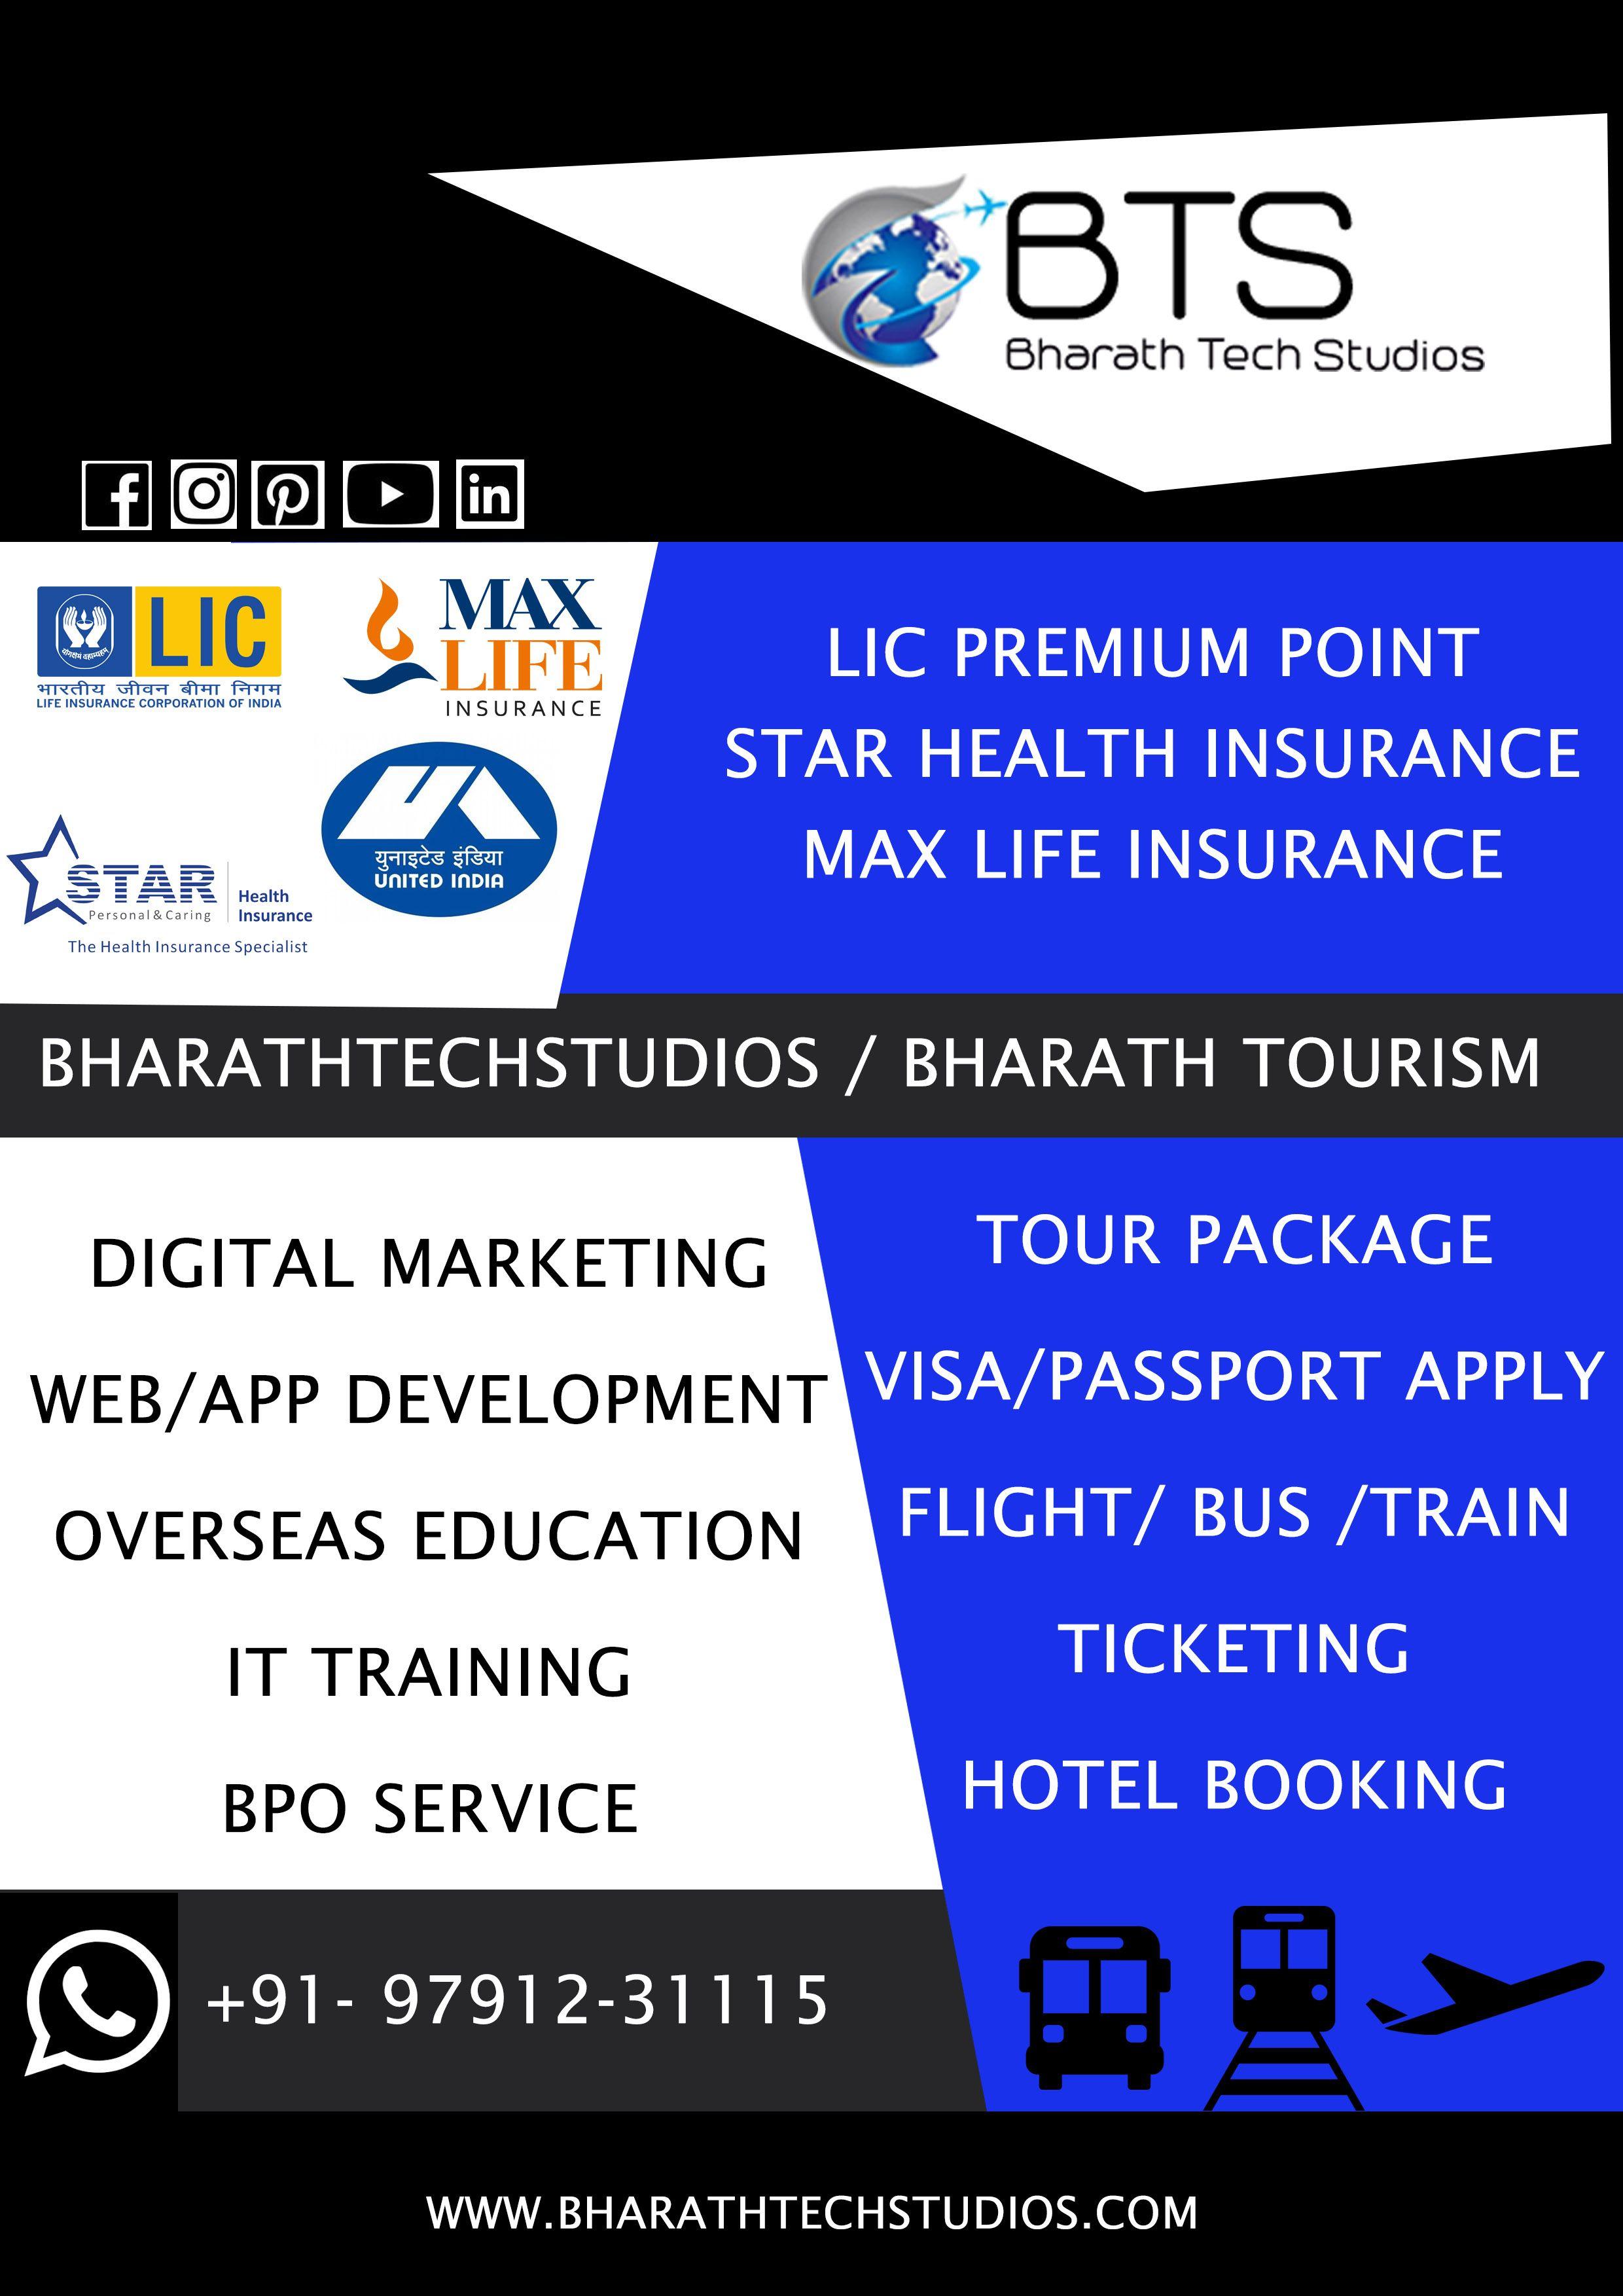 Bharathtechstudios Bharath Tourism Madurai Best Health